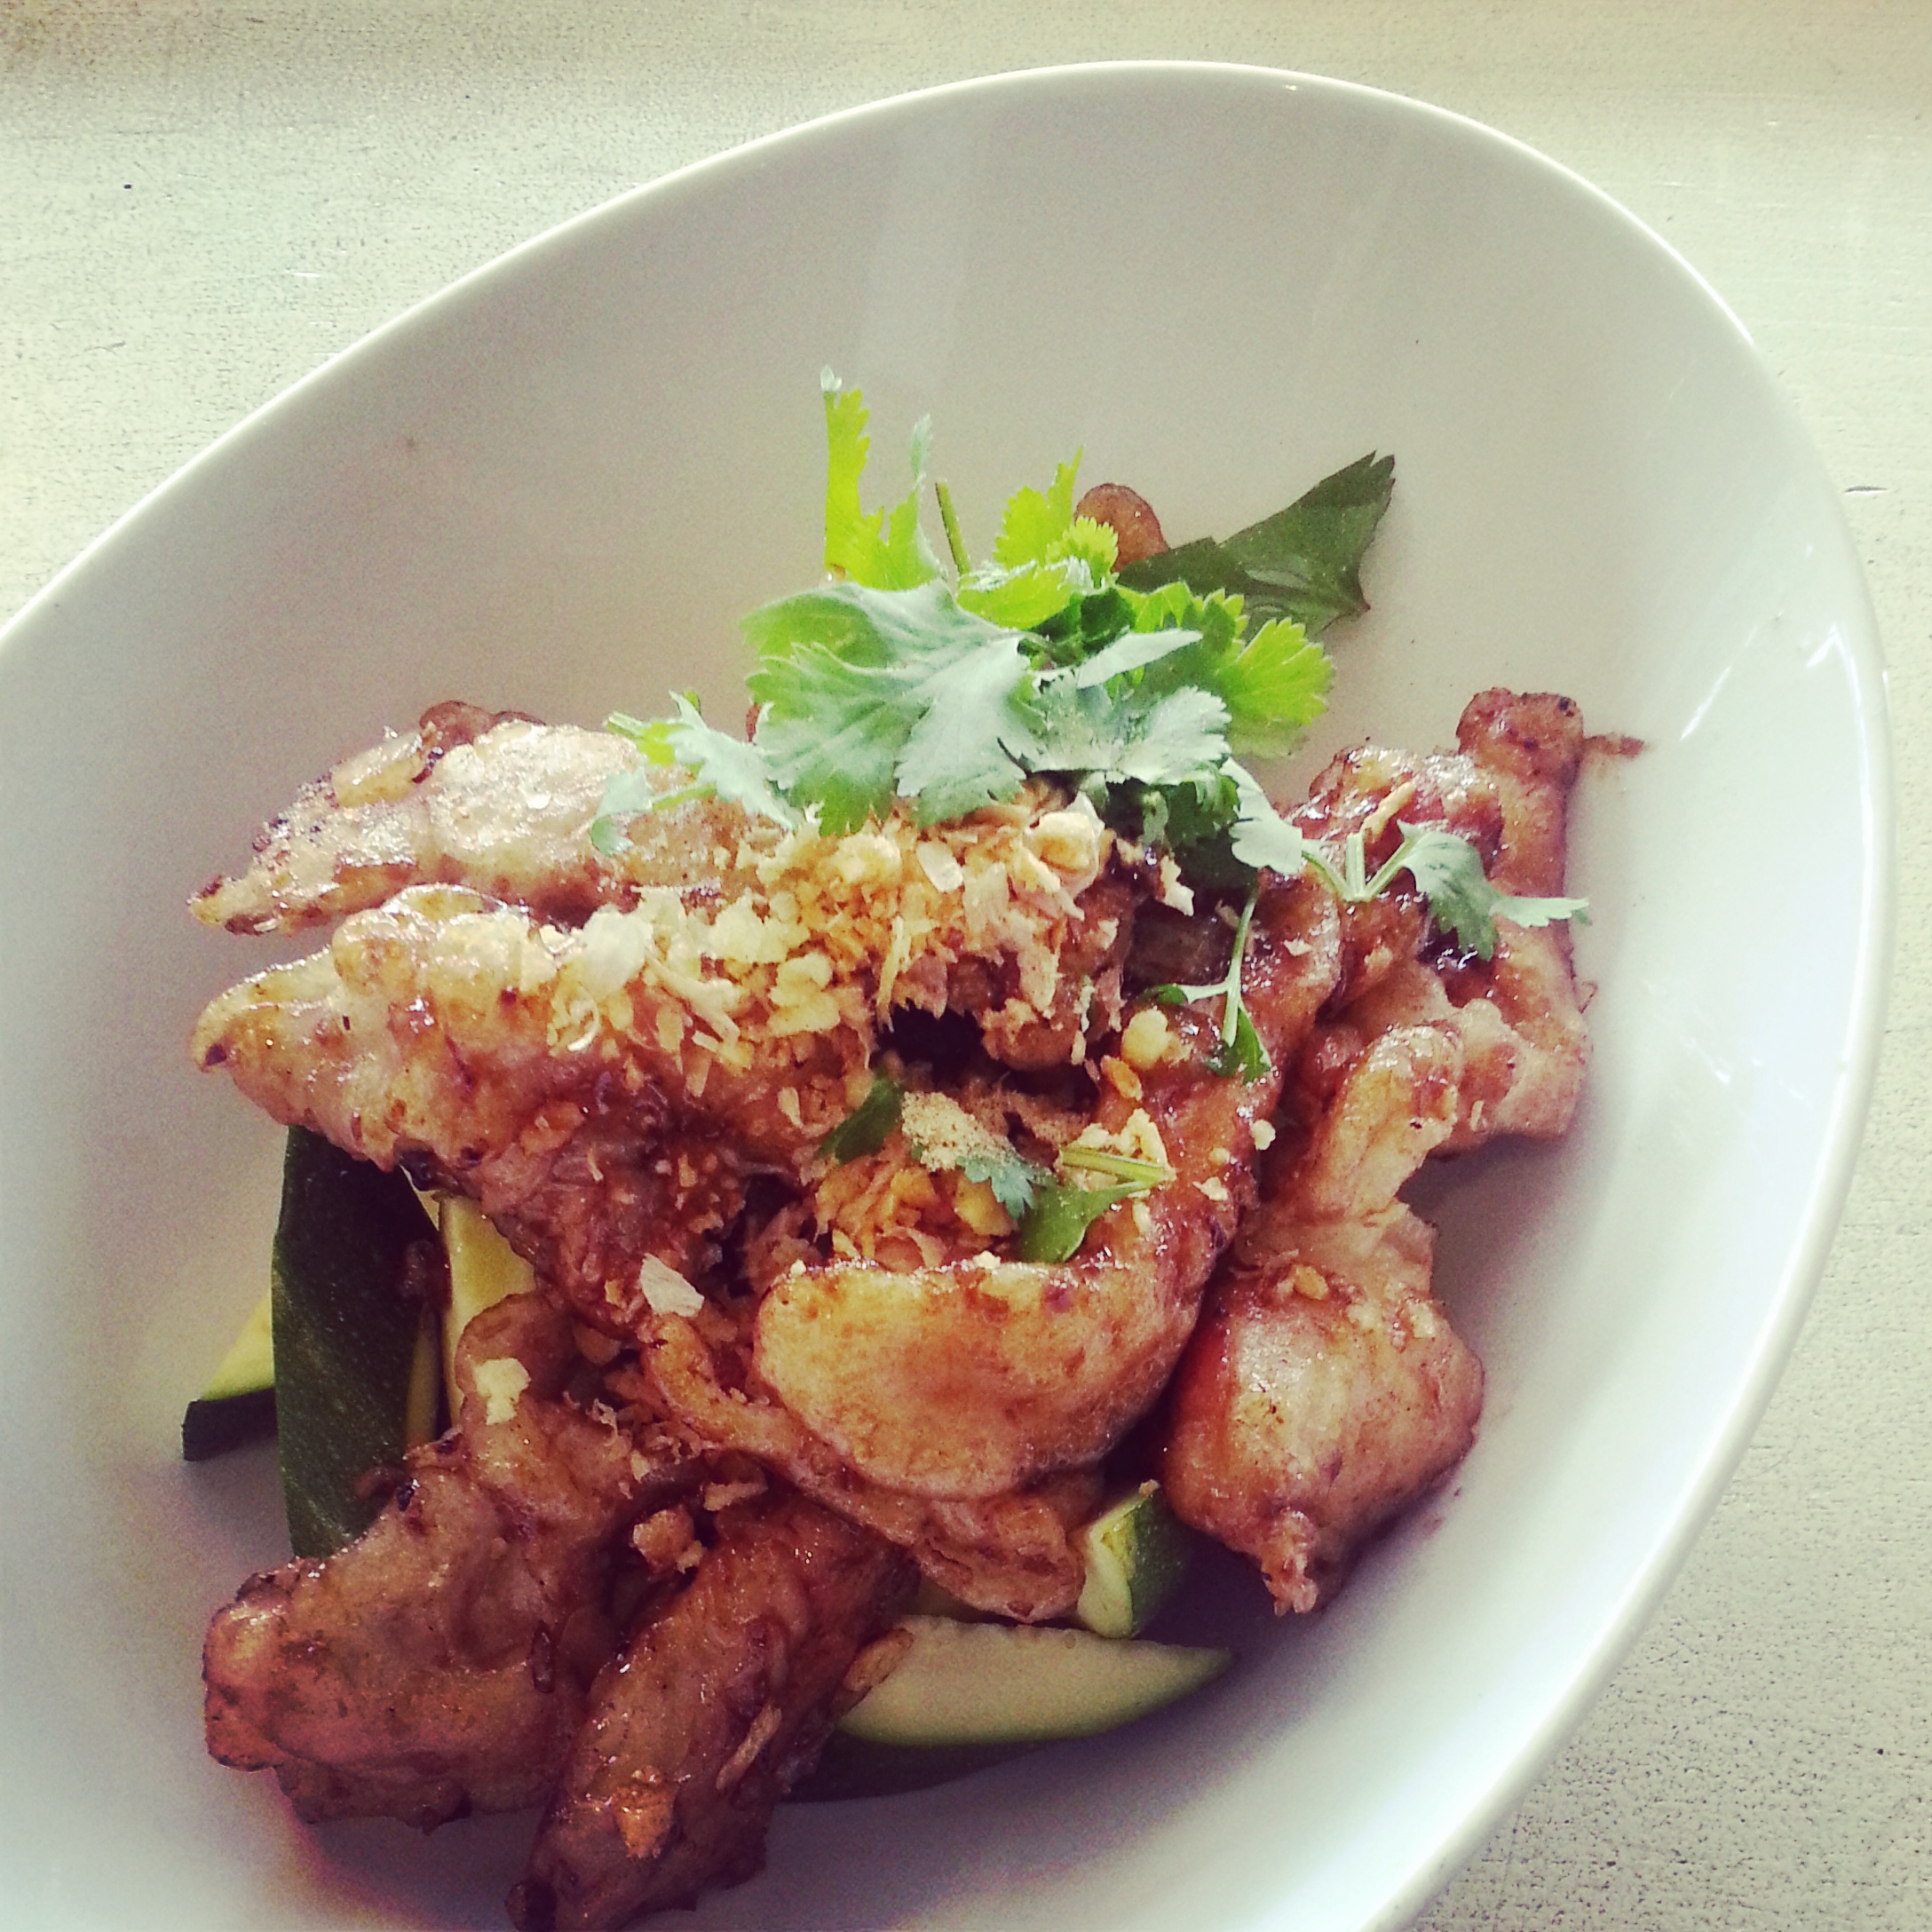 Thai garlic chicken stir fry recipe heart thai food garlic chicken stir fry gfcrispygarlicpepper forumfinder Choice Image